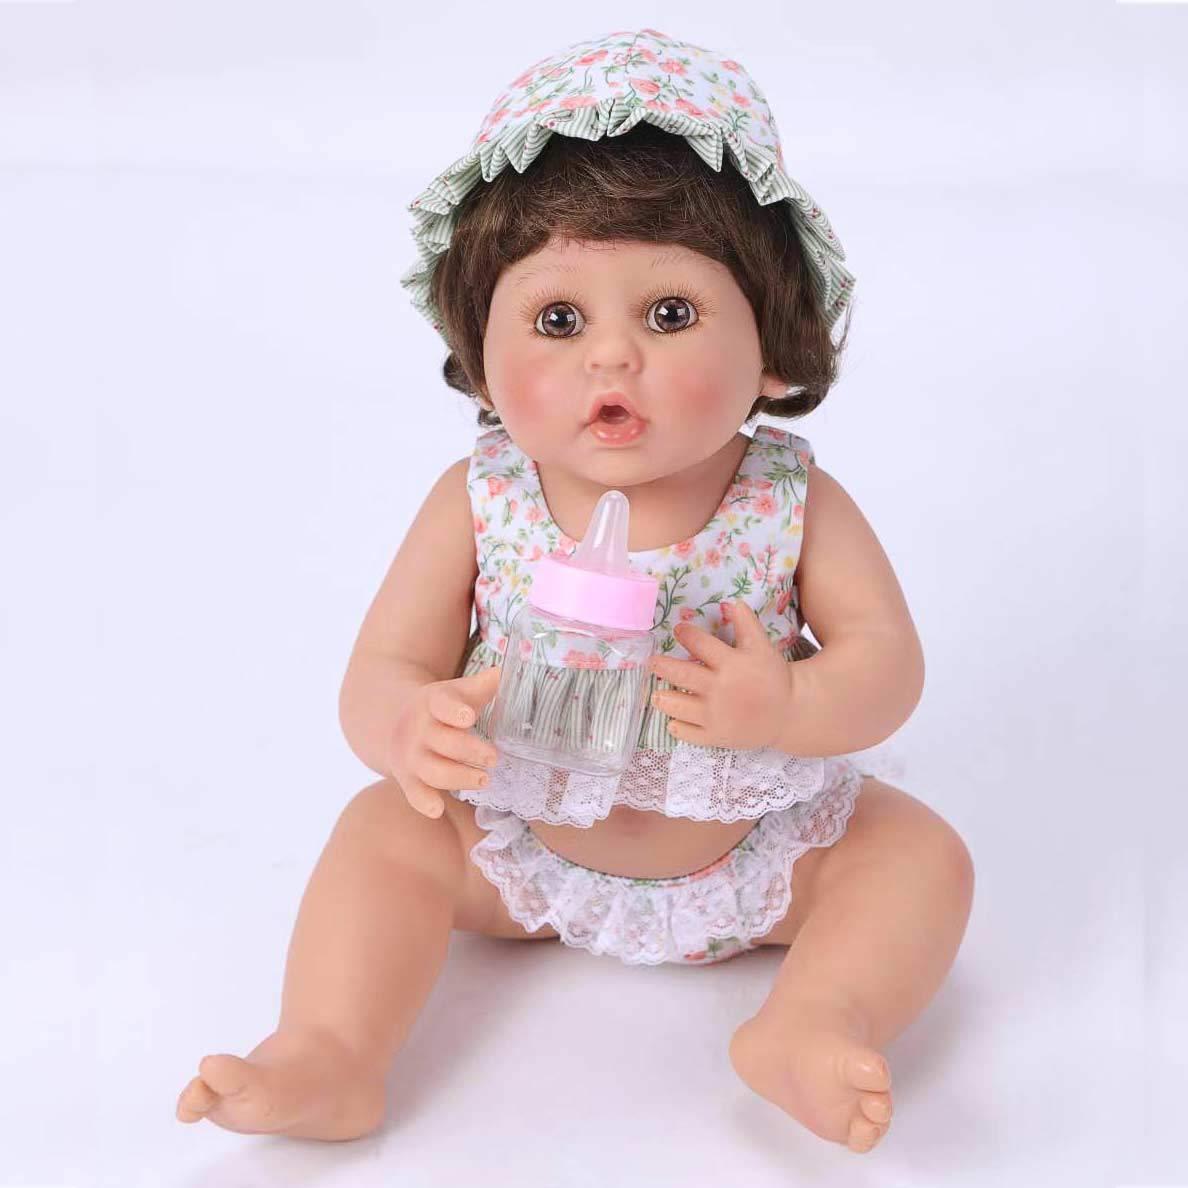 Amazon.es: Pursue Baby Adorable Reborn Baby Doll 16 Pulgadas 45 cm ...